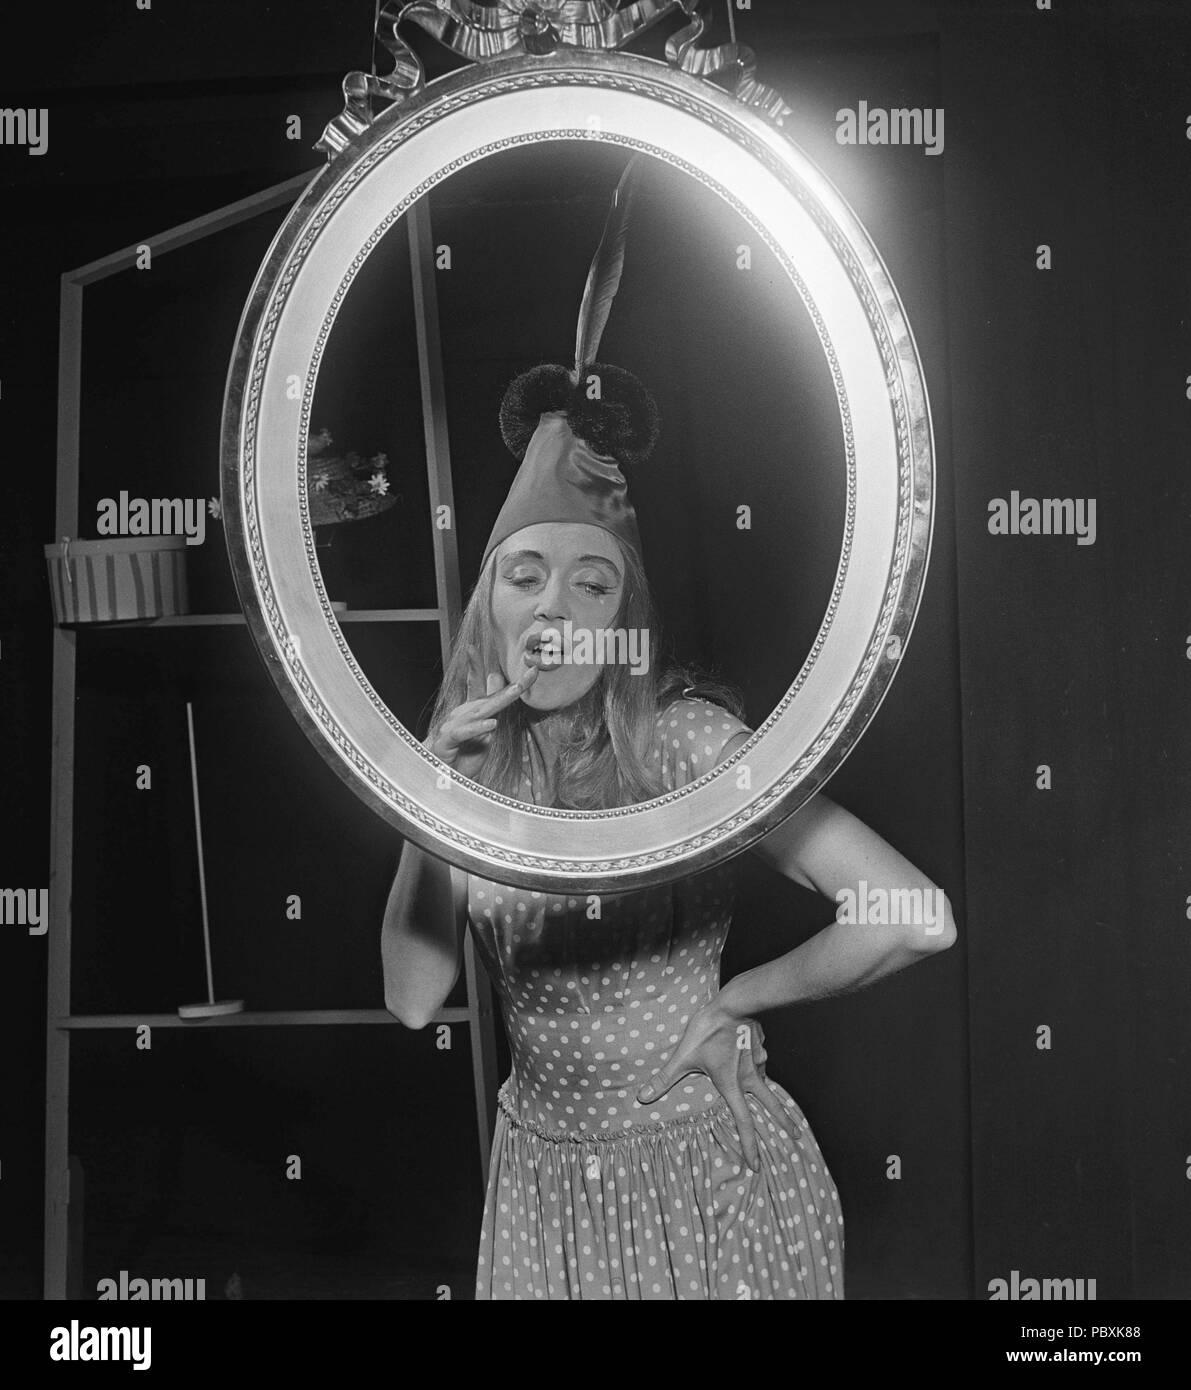 Sonst Fisher Bergman, 1918-2006. Schwedische Tänzerin. Verheiratet mit Ingmar Bergman zwischen 1943-1946 als seine erste Frau. Hier im Bild auf der Bühne in einem 1950er Jahre theater Produktion. Foto: Kristoffersson/BA 27-9 Stockbild